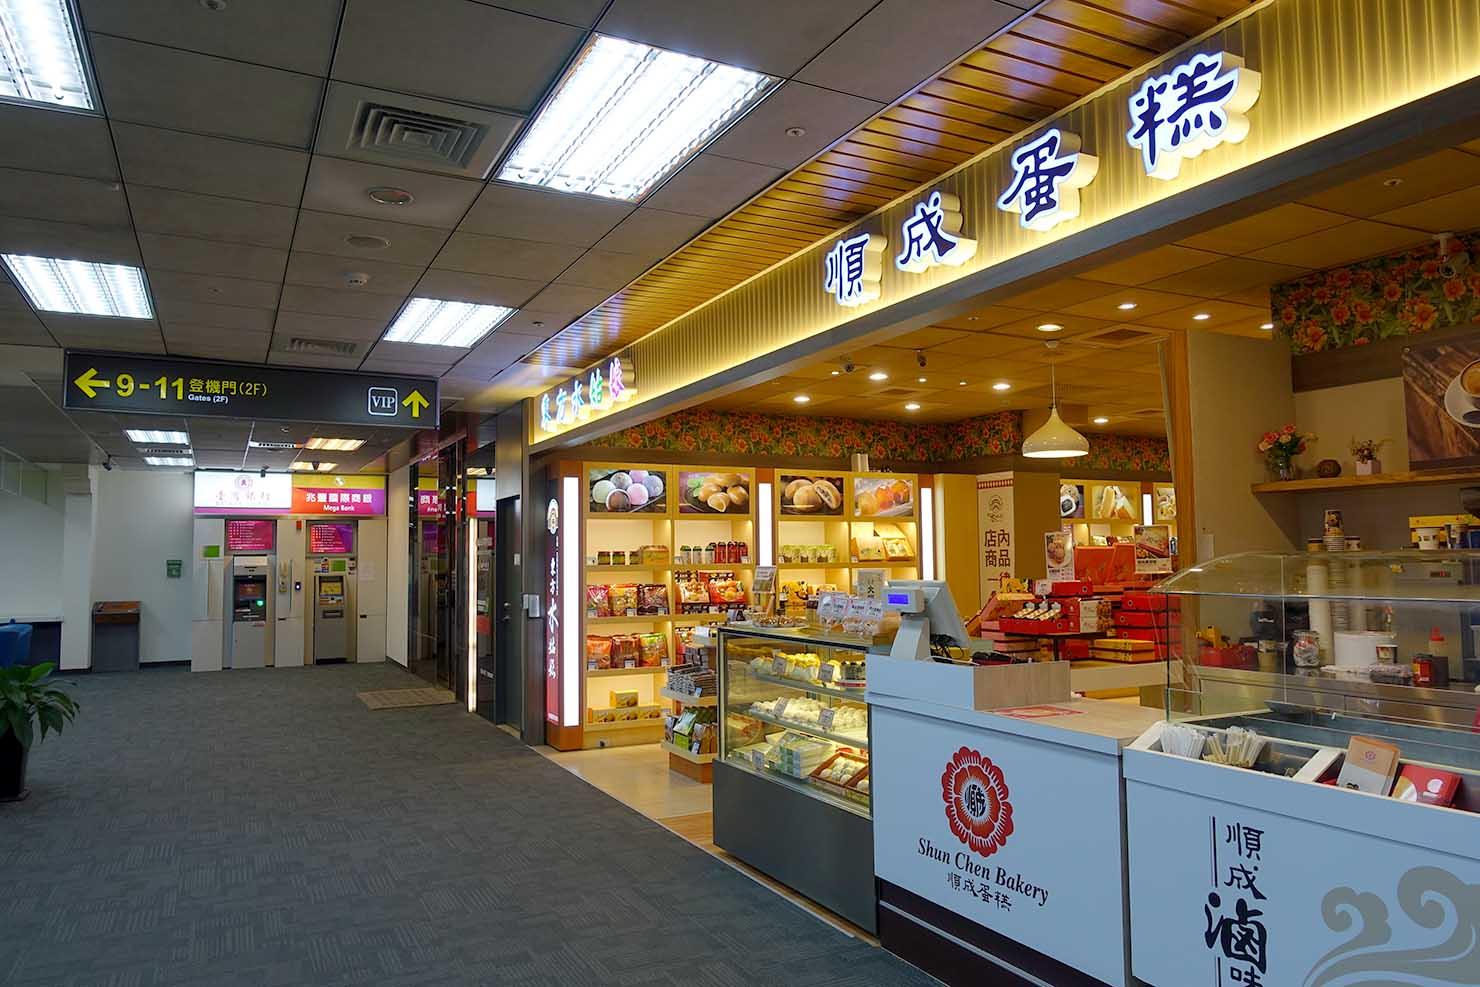 台北・松山空港国内線出発ロビーのおみやげ売り場とATM